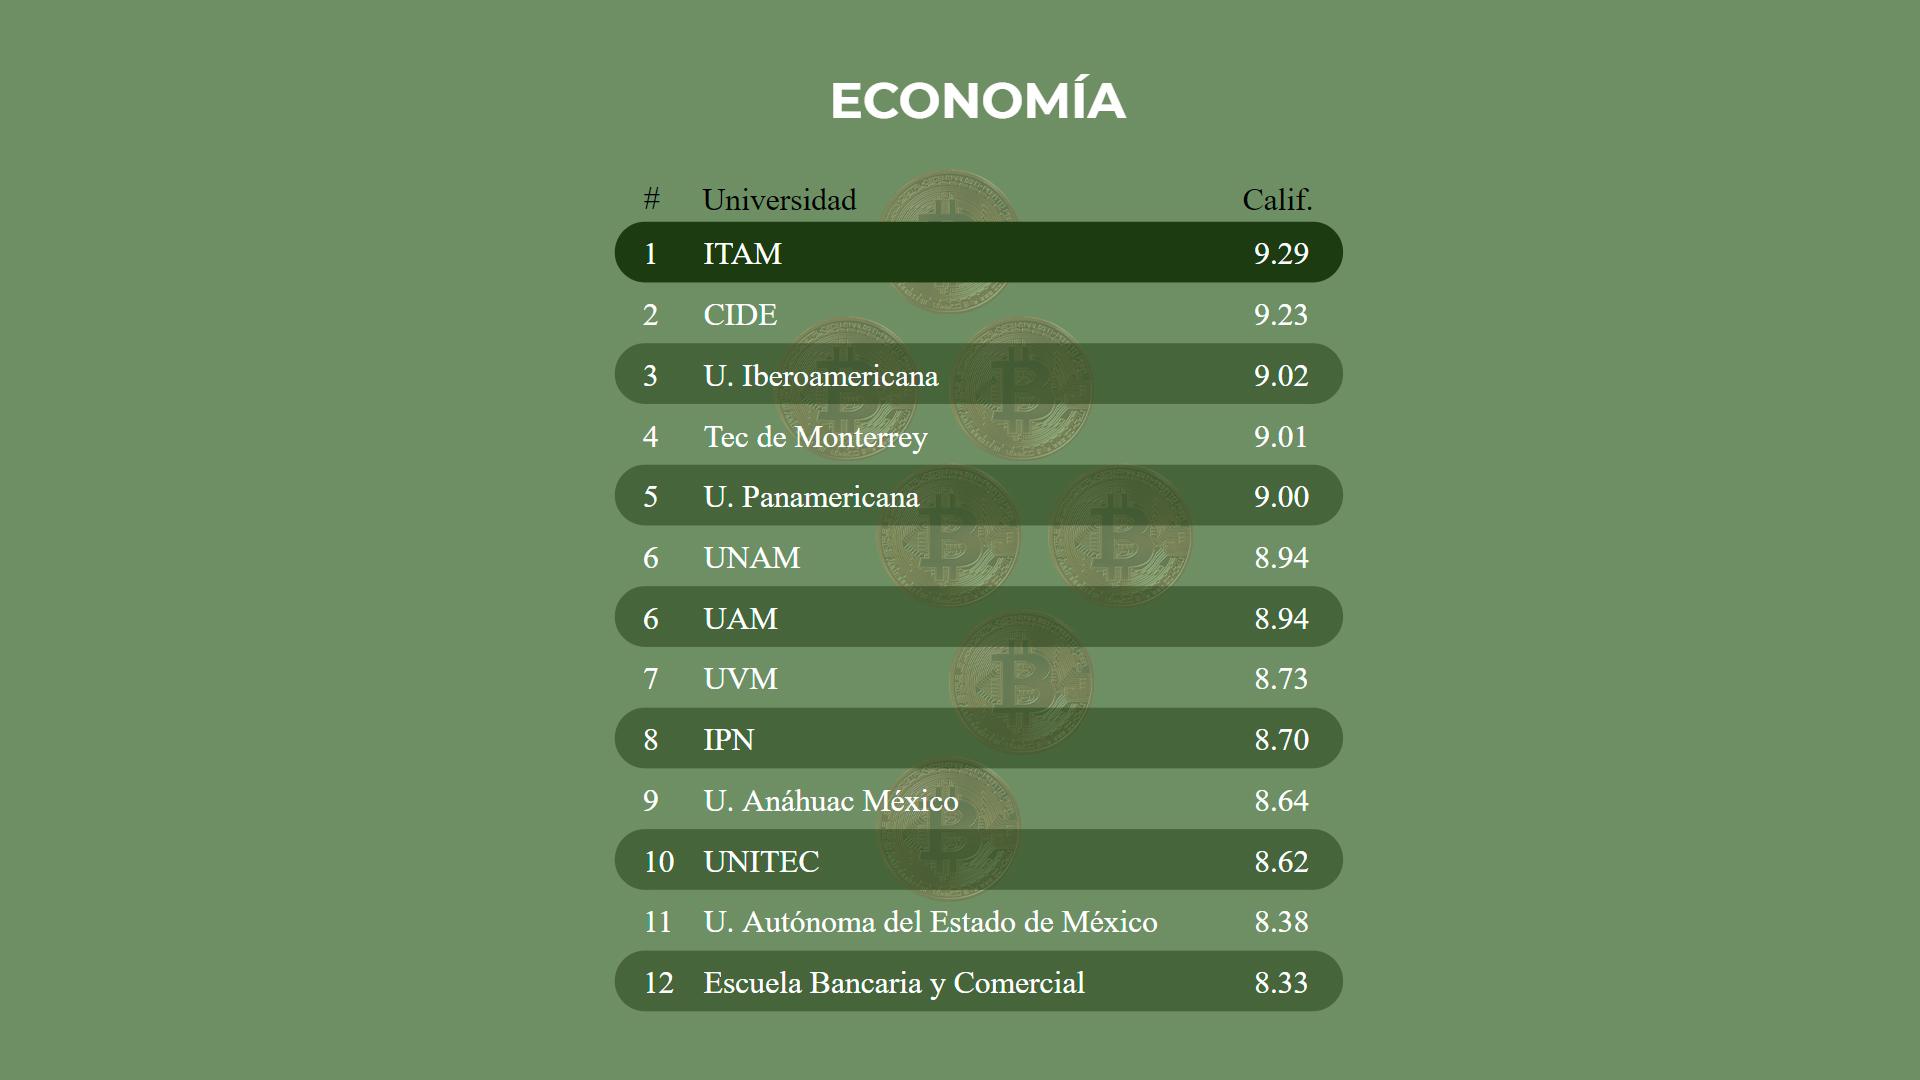 Licenciatura en Economía del CIDE ocupa segundo lugar en ranking de Reforma